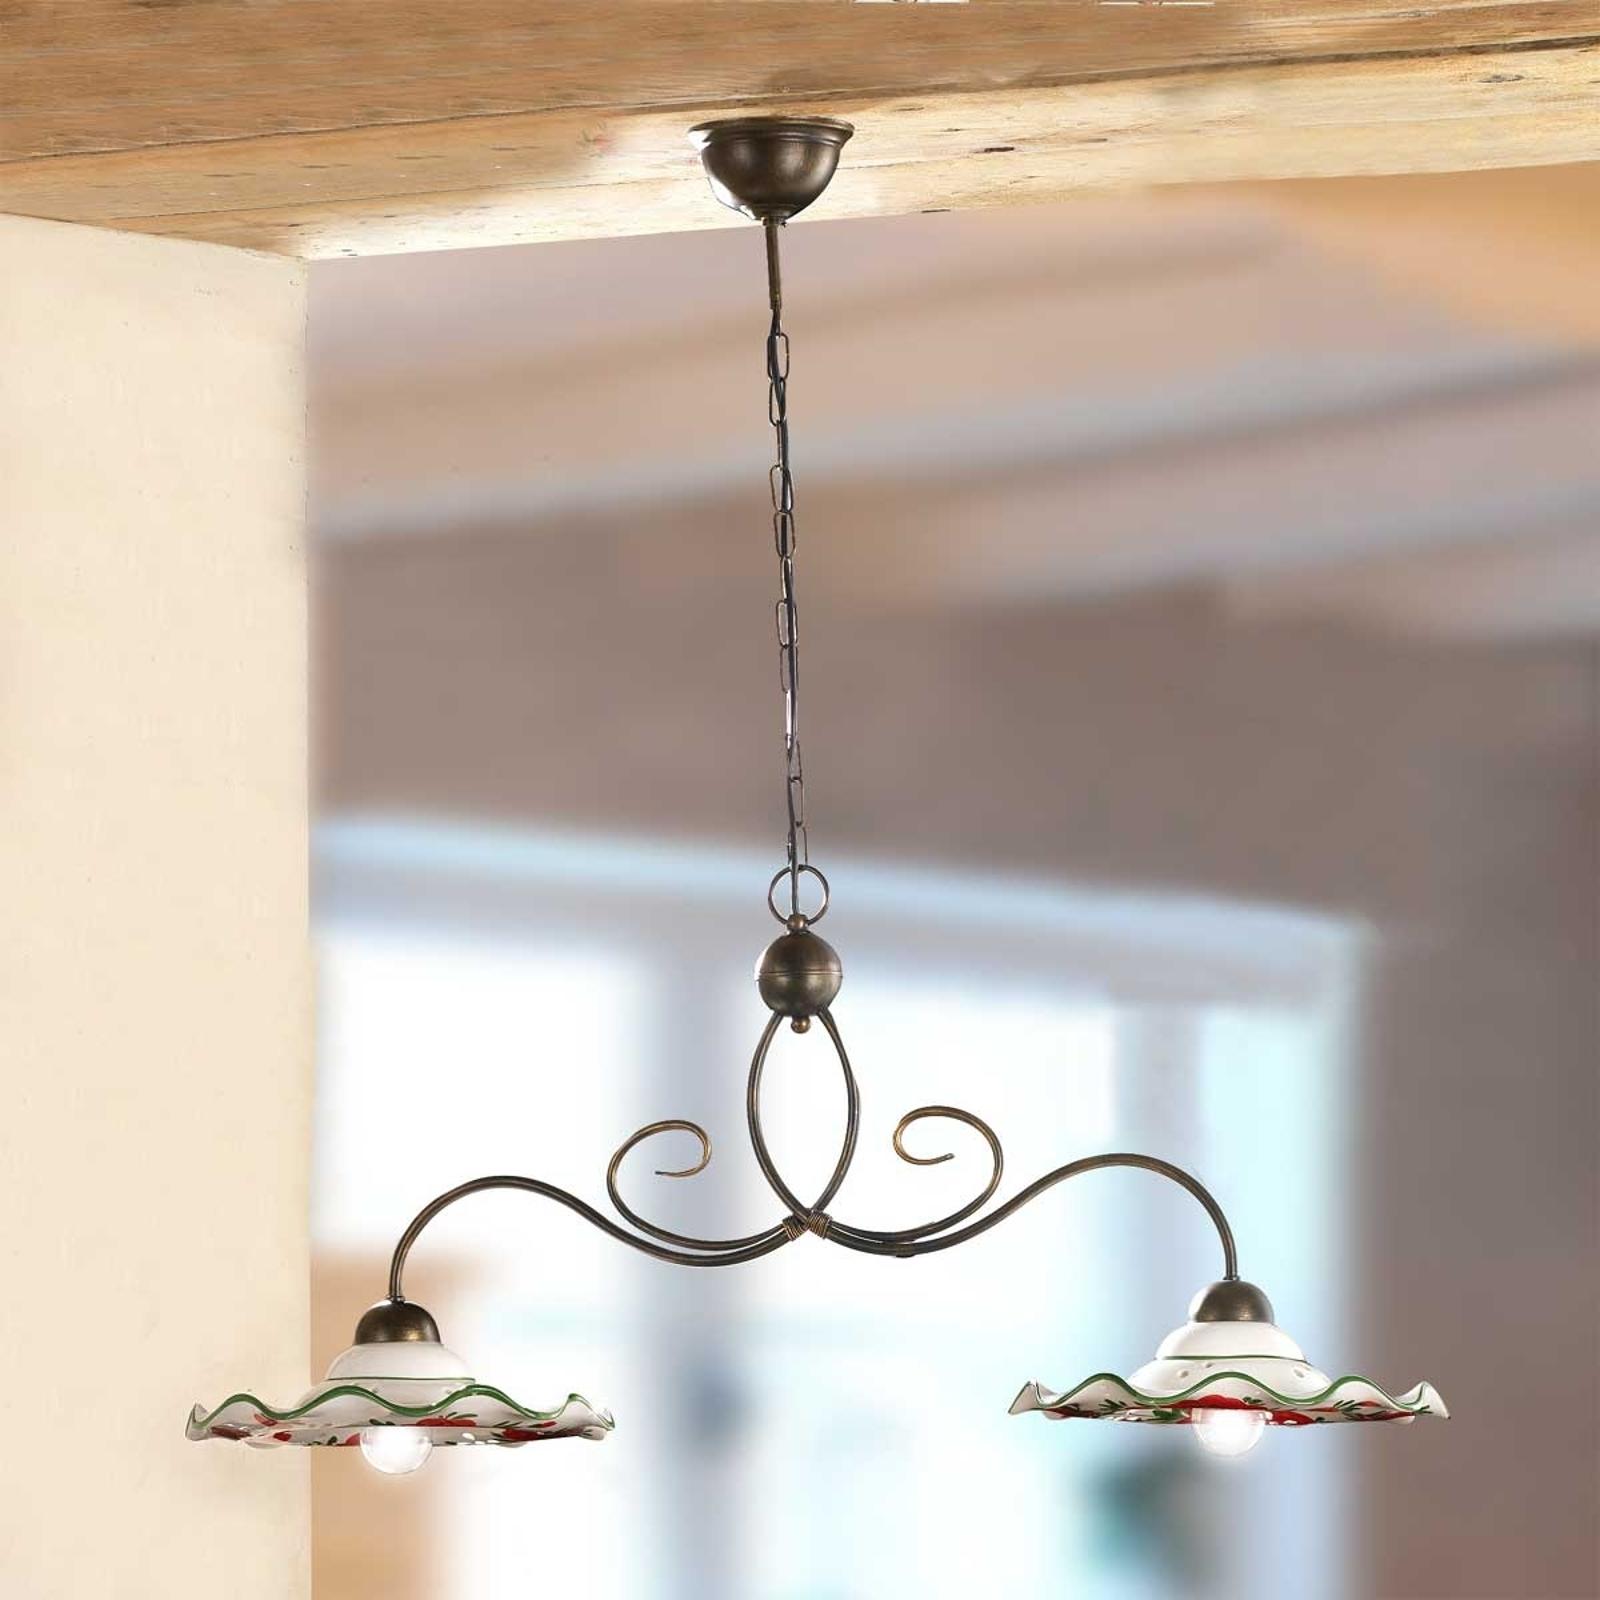 Lampada sospesa ROSOLACCI, ceramica, 2 punti luce